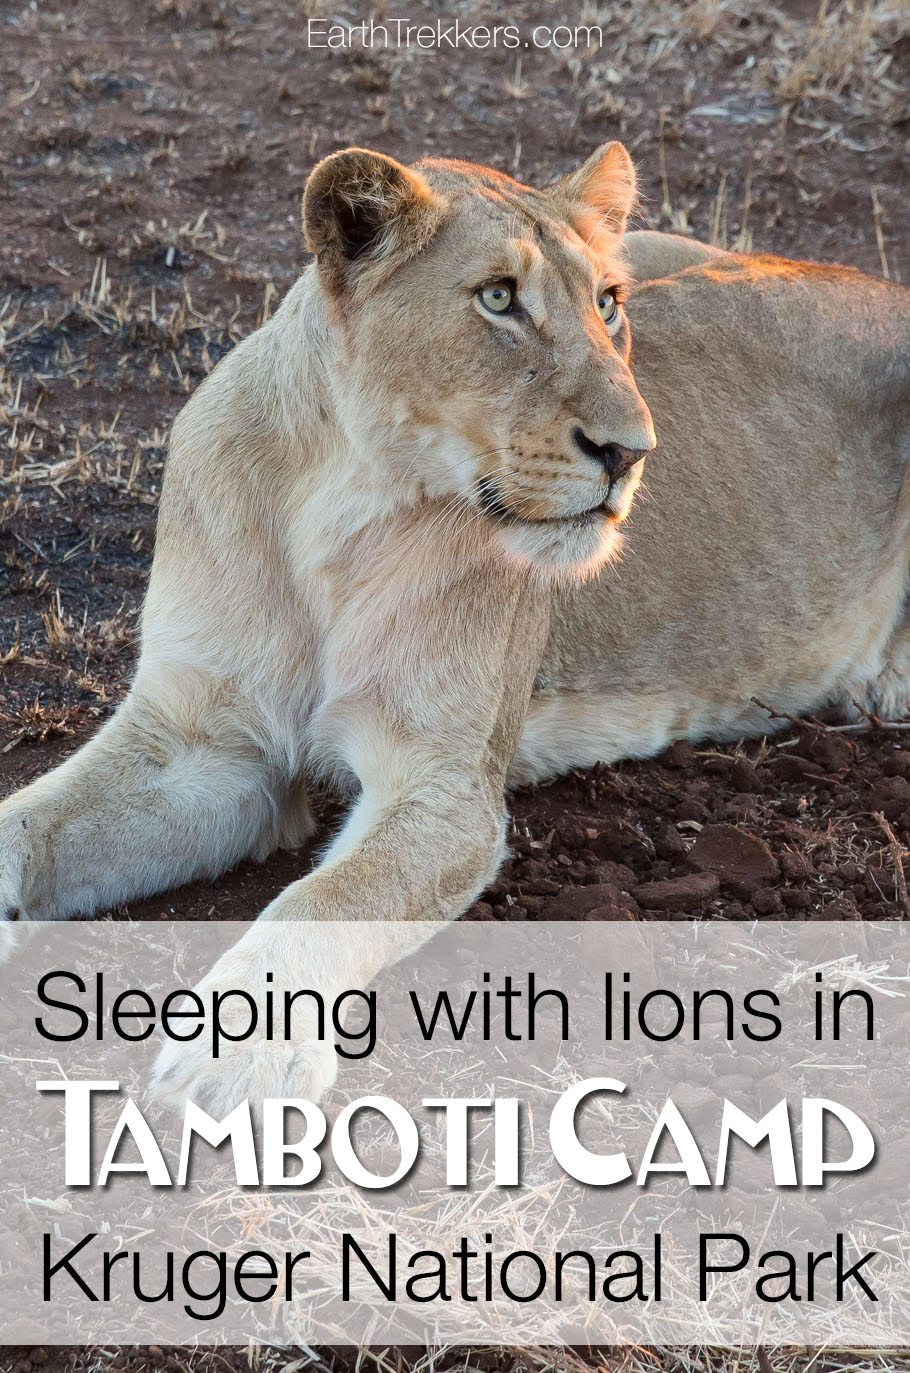 Tamboti Camp Kruger National Park